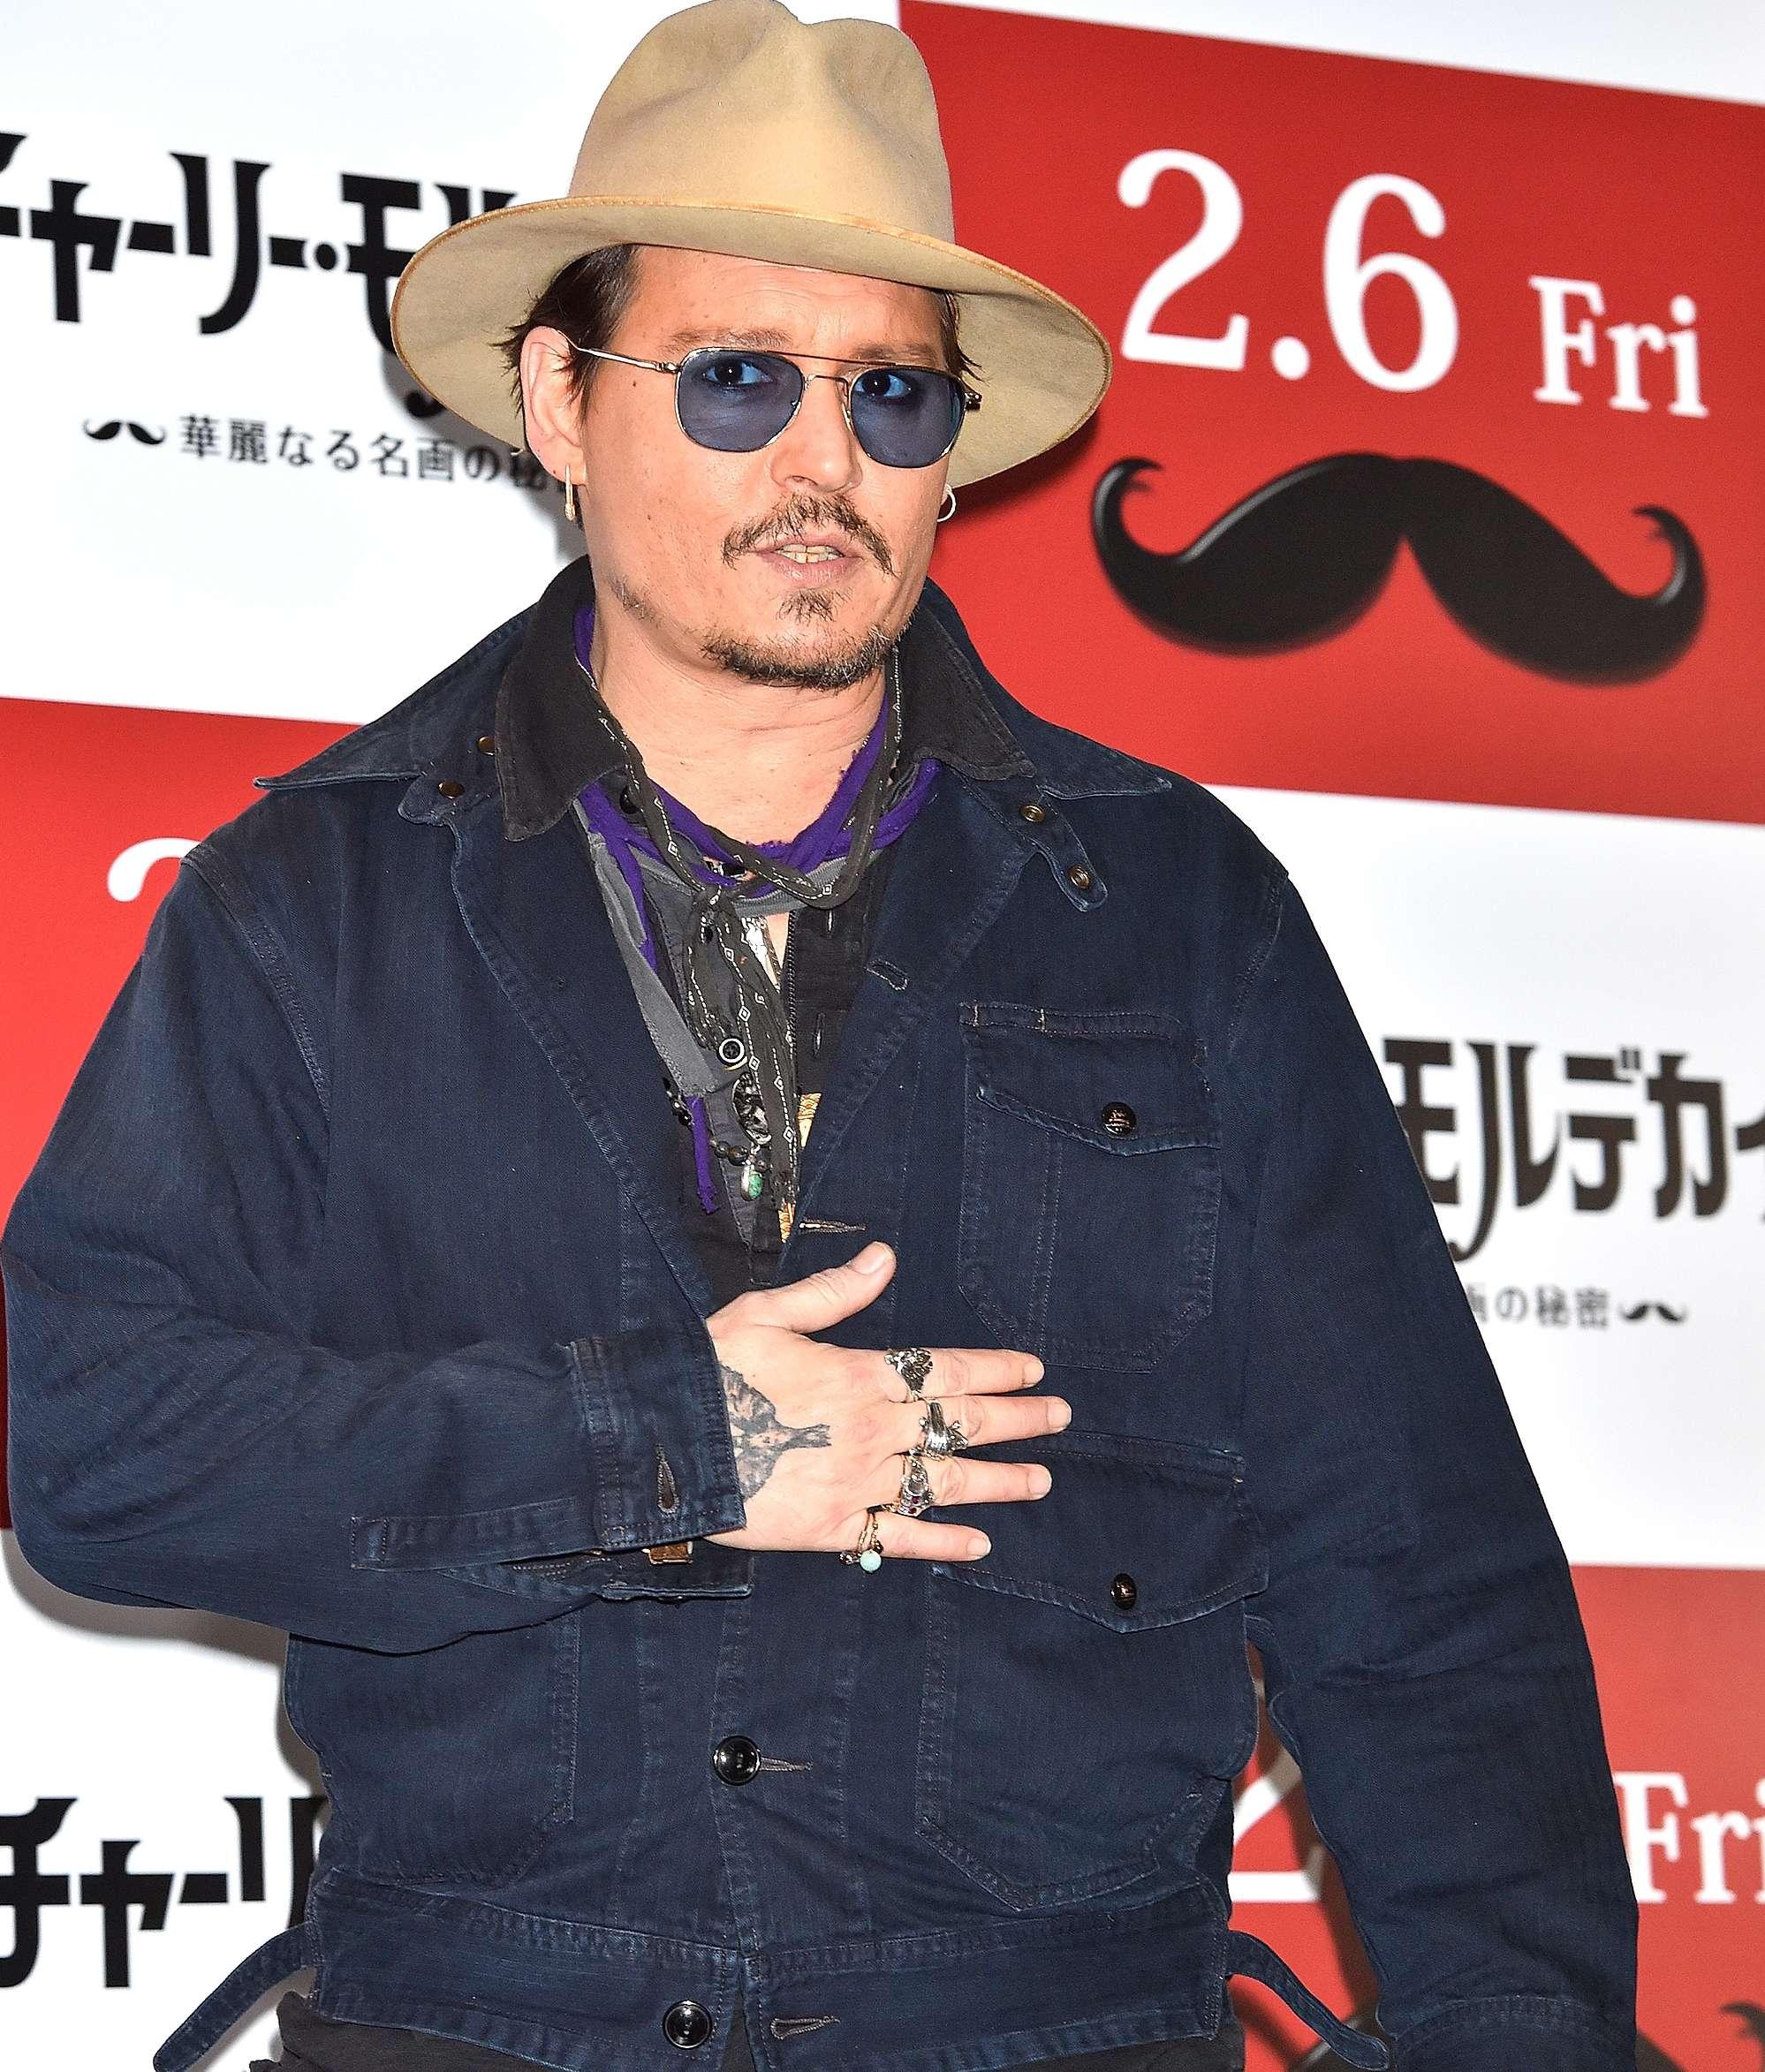 Johnny Depp se encontraba en Japón cuando luchó contra la leyenda urbana, el temido 'chupacabras'. Foto: Getty Images